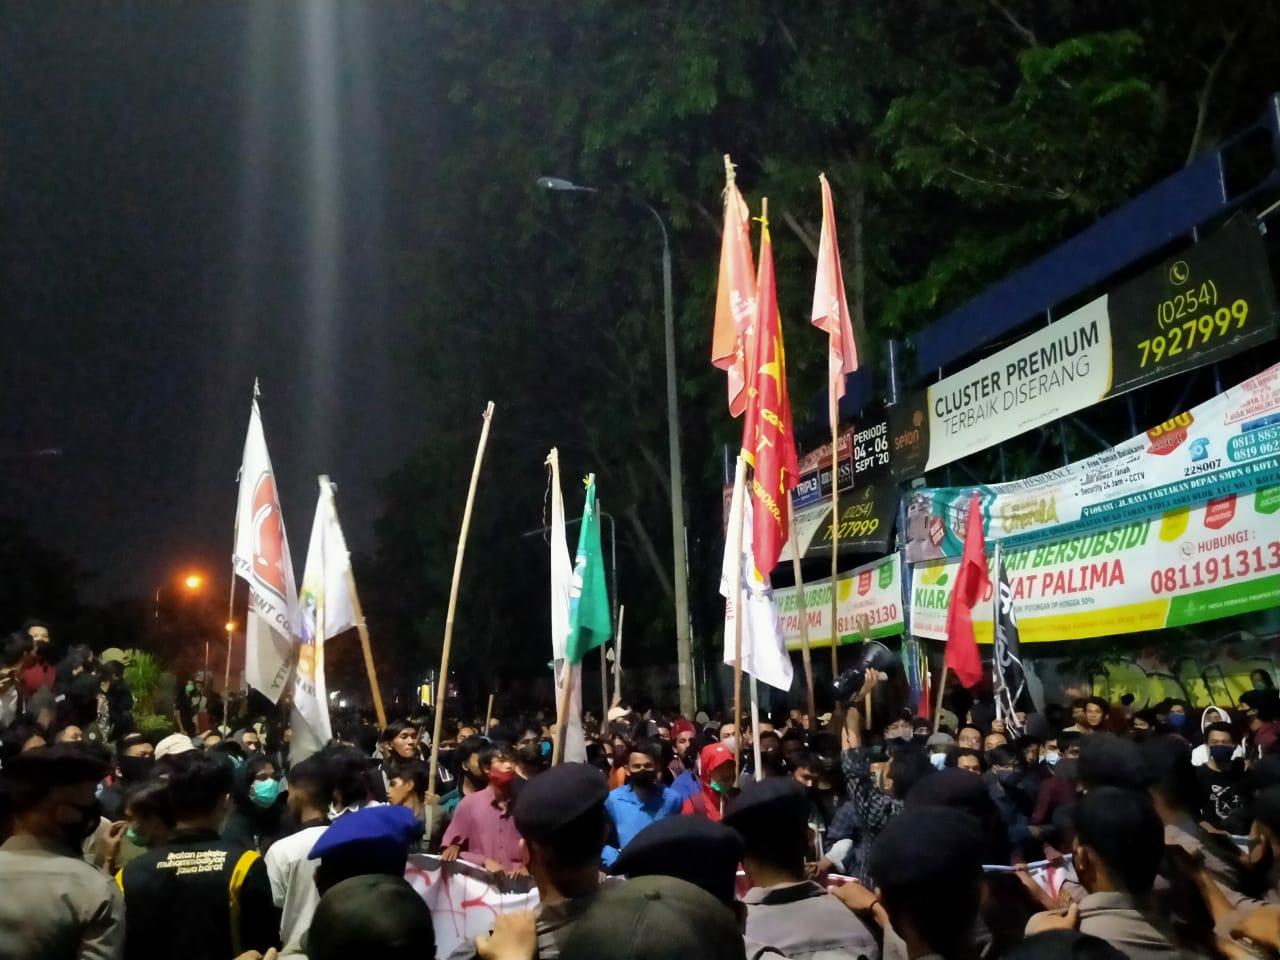 Melebihi Jam, Polisi Bubarkan Aksi Demo Mahasiswa